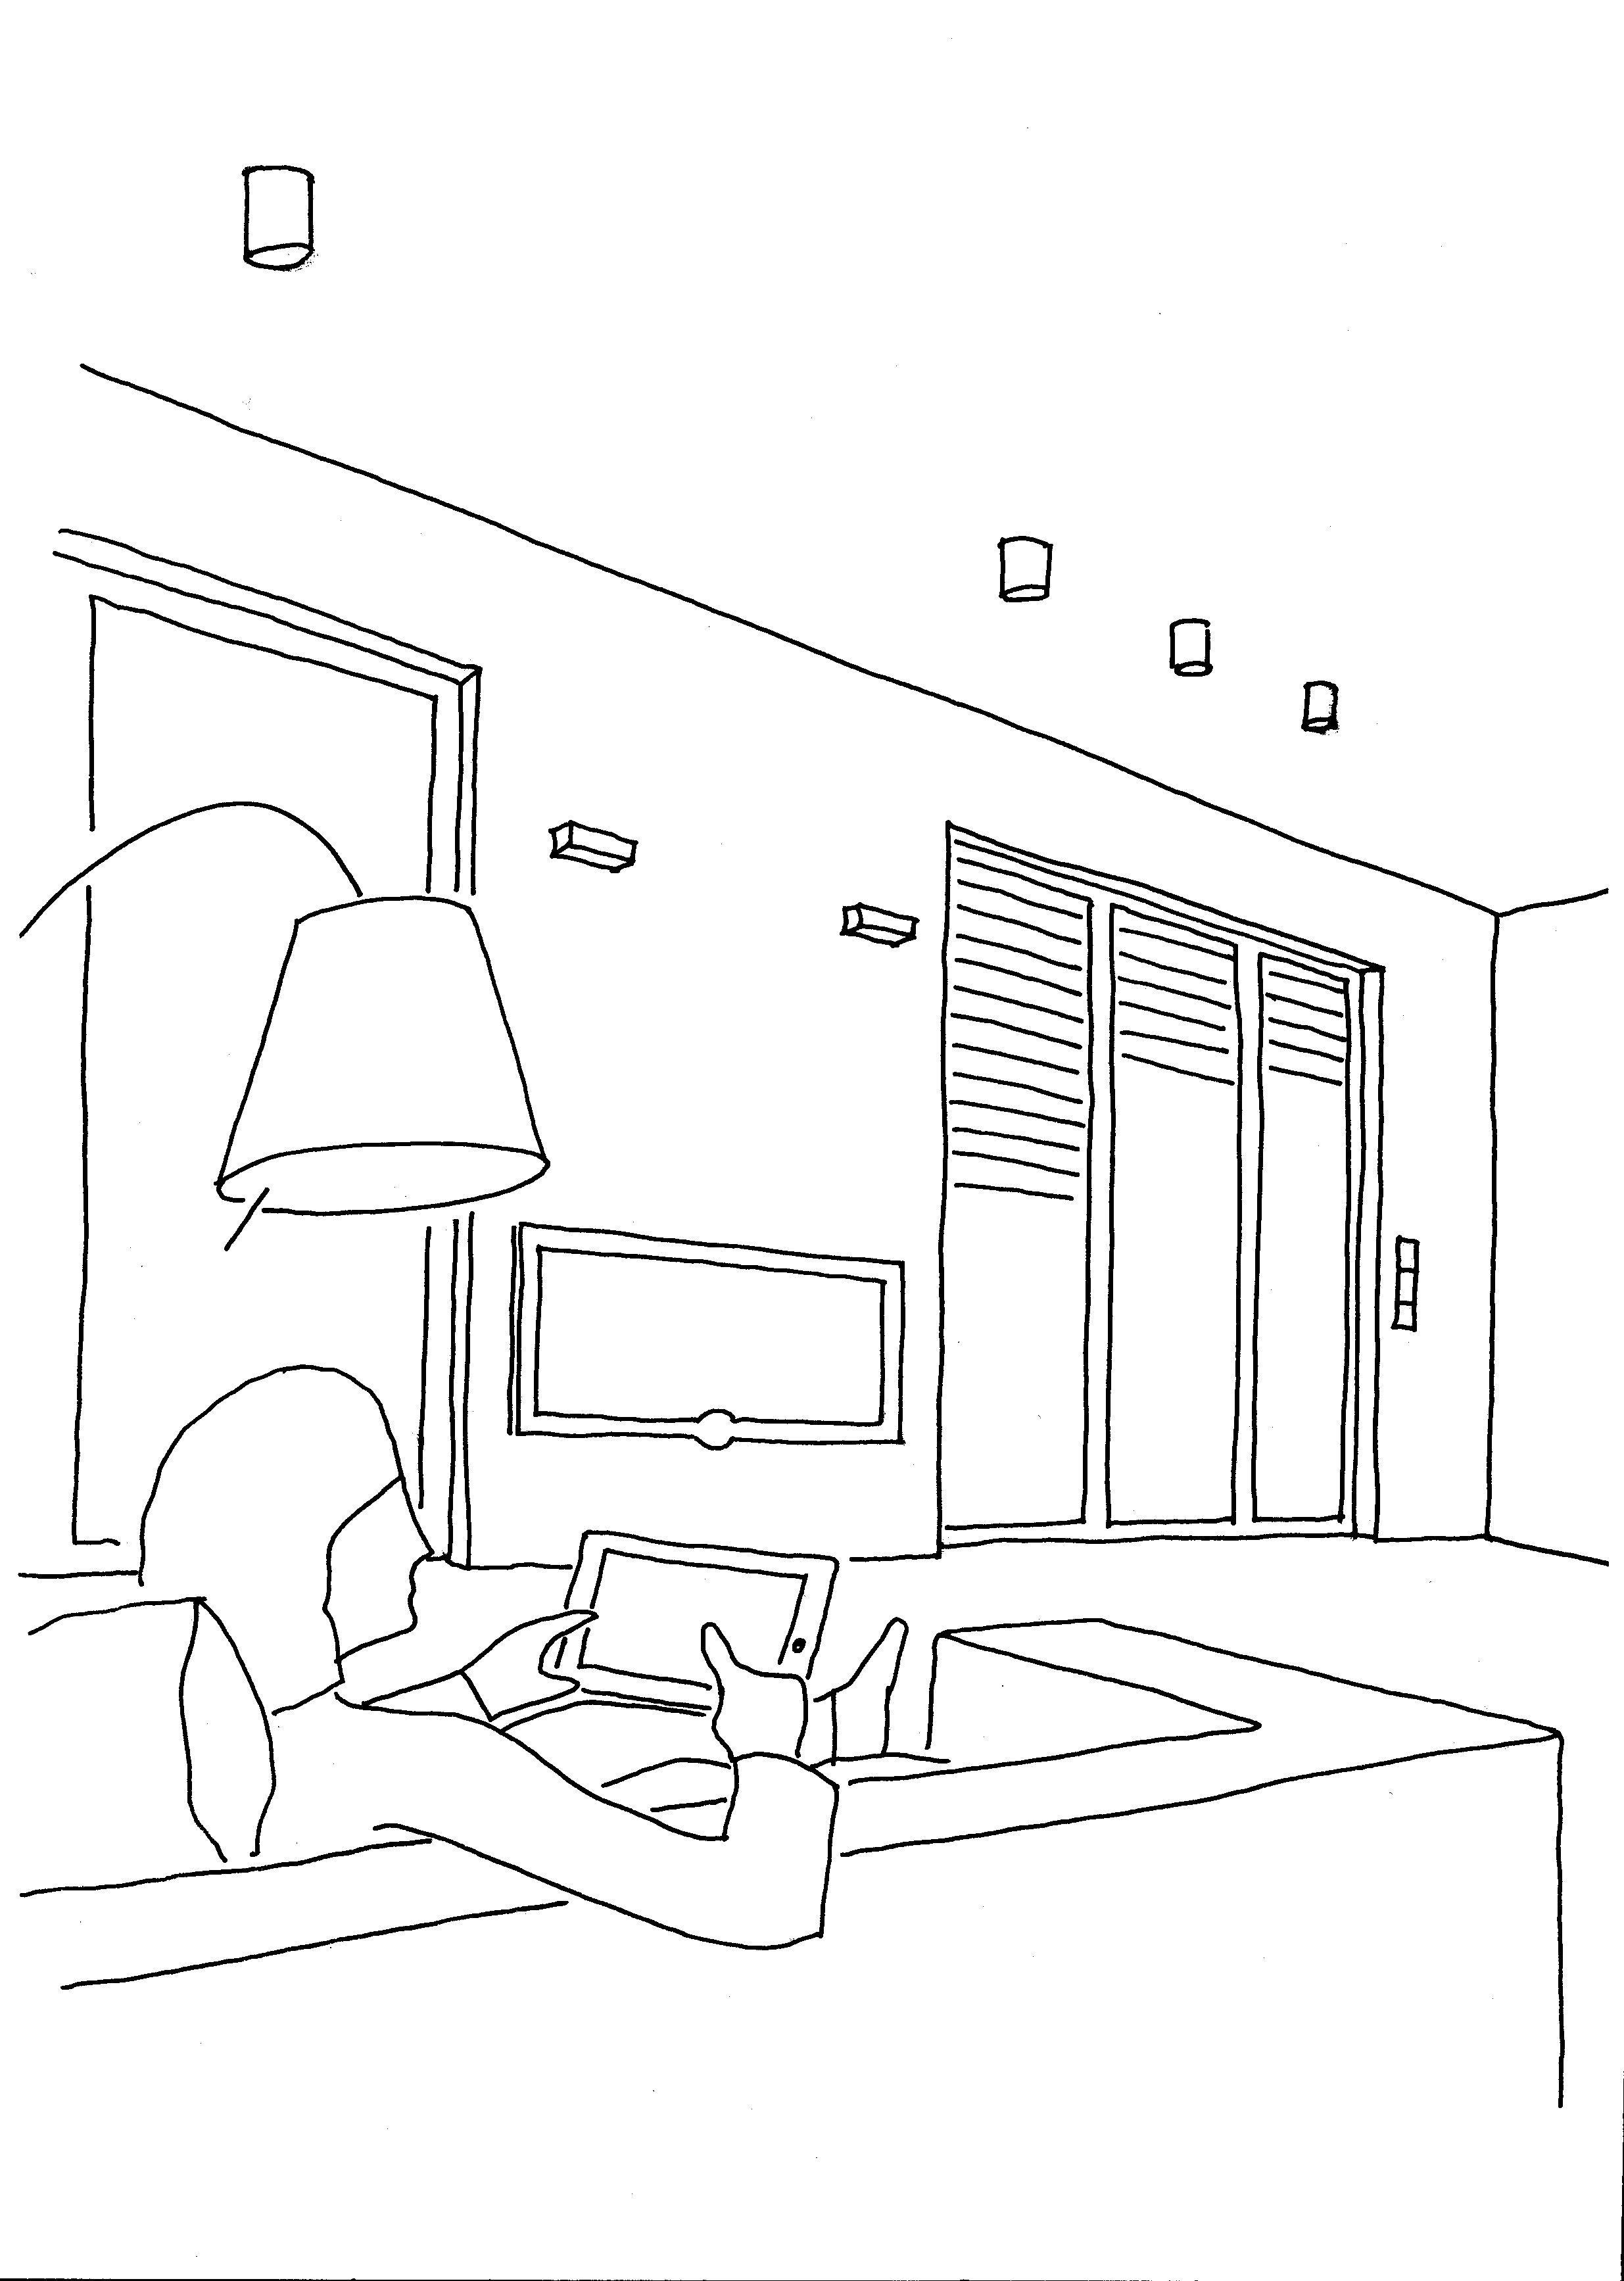 Exceptional Die Technische Entwicklung Verspricht Zunehmend Mehr Lebensqualität:  Bereits Heute Steuern Viele Menschen Elektrische Geräte Im Haus Bequem Vom  Sessel Aus ...